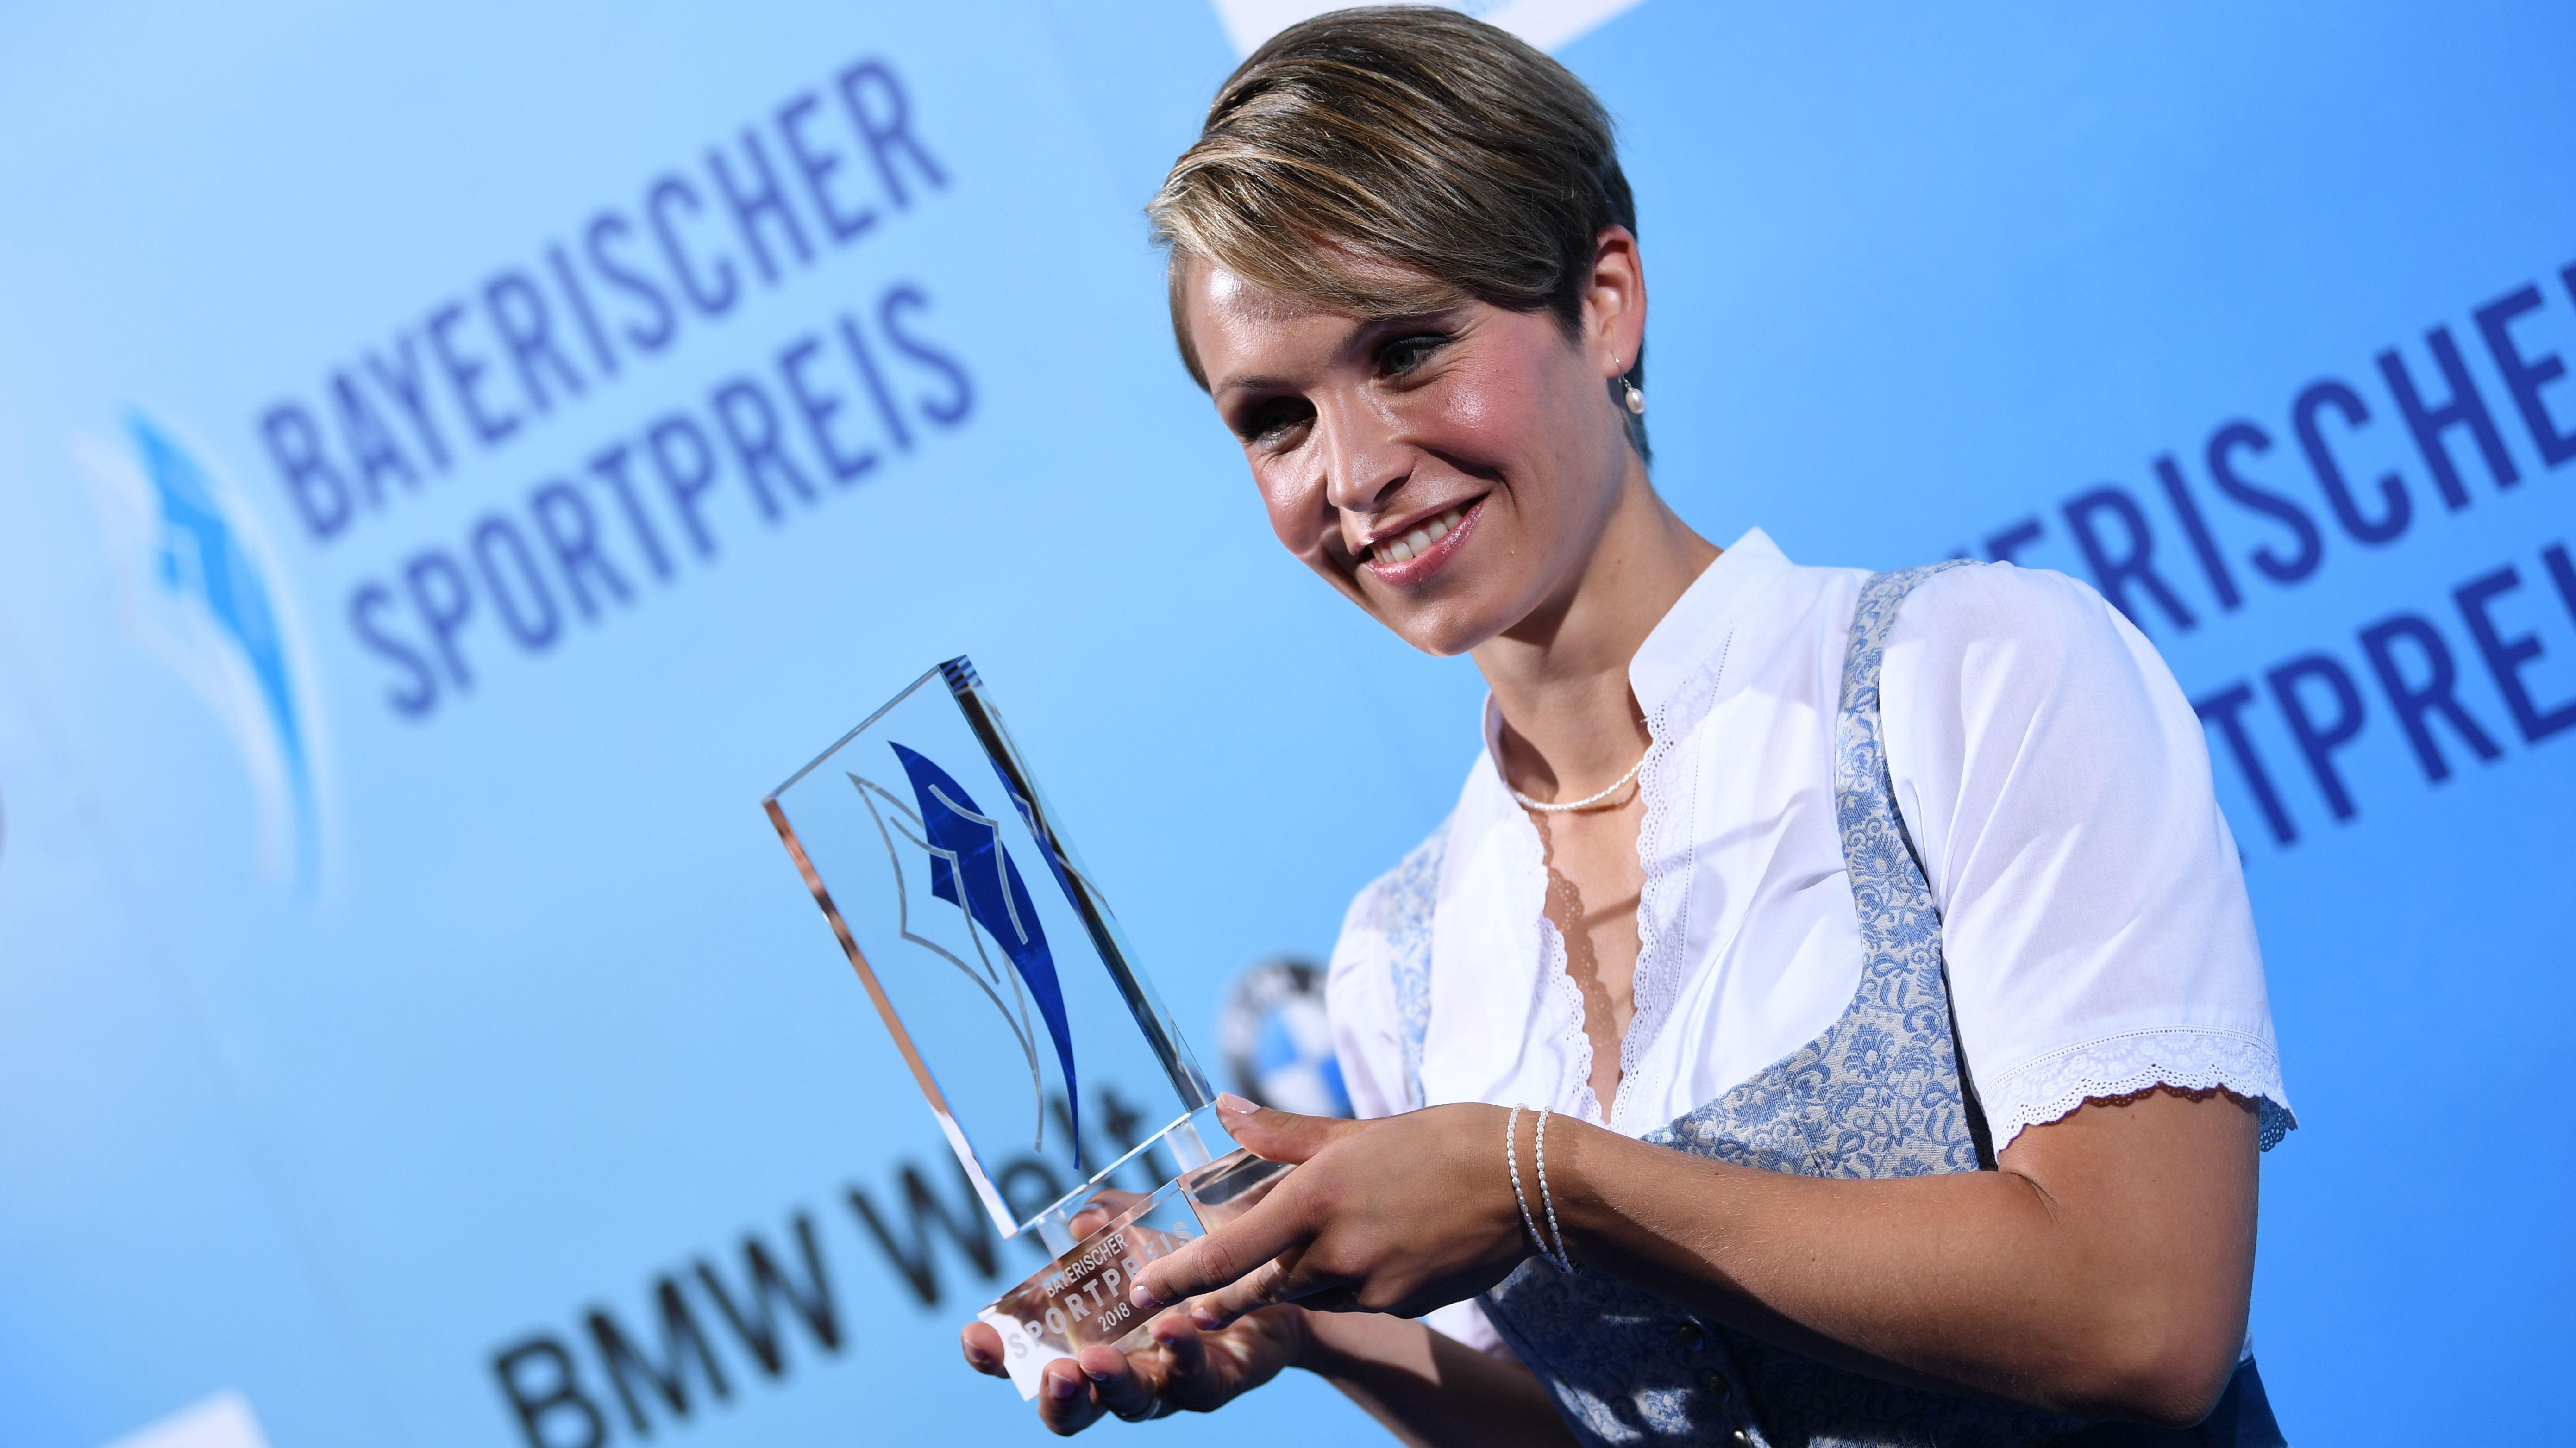 """Magdalena Neuner mit dem Bayerischen Sportpreis 2018 für die """"Jahrhundertsportlerin"""""""